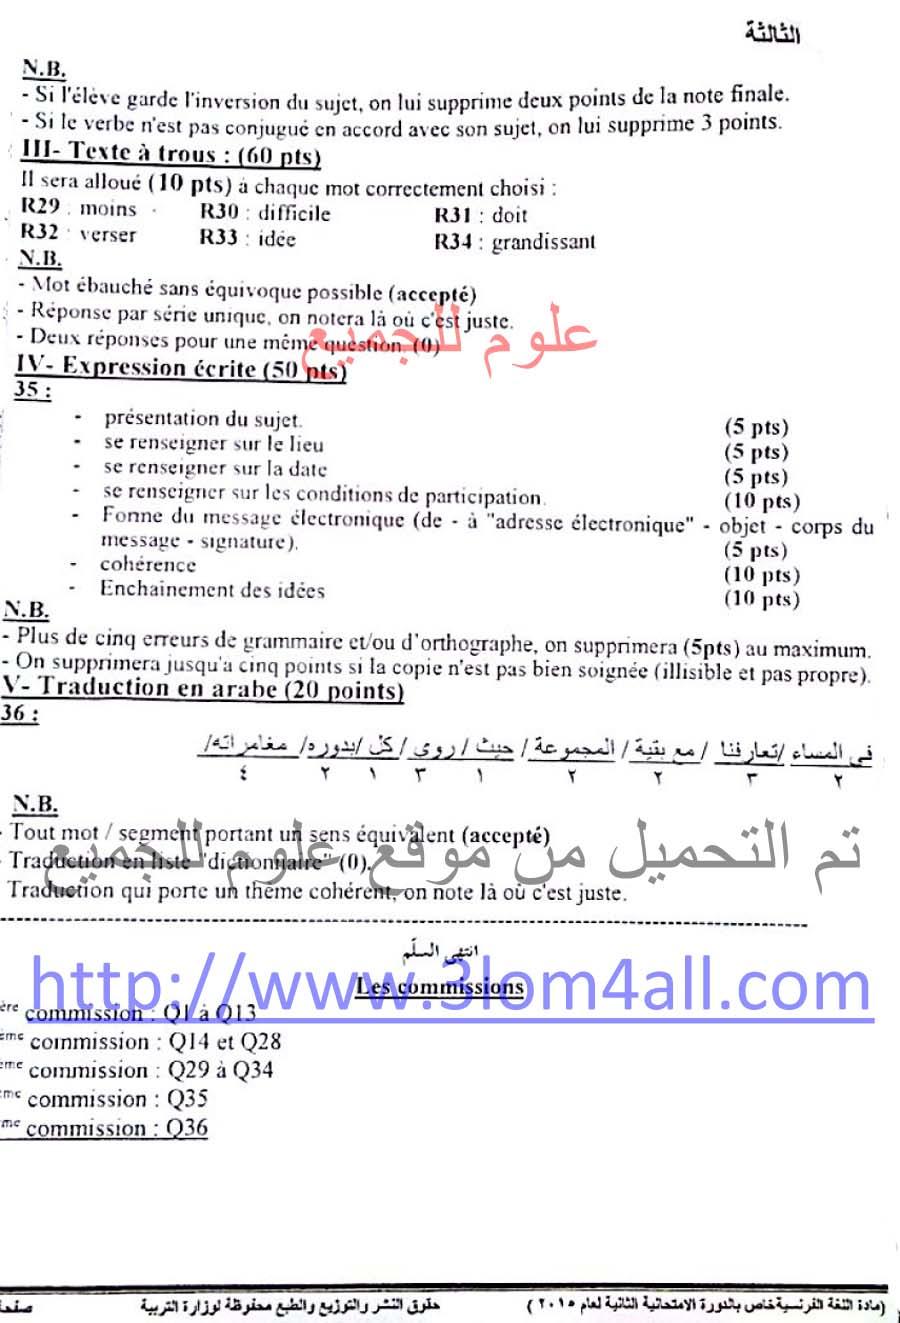 سلم تصحيح الفرنسي البكالوريا الادبي 2015 الدورة الثانية - سلالم تصحيح الثانوية العامة